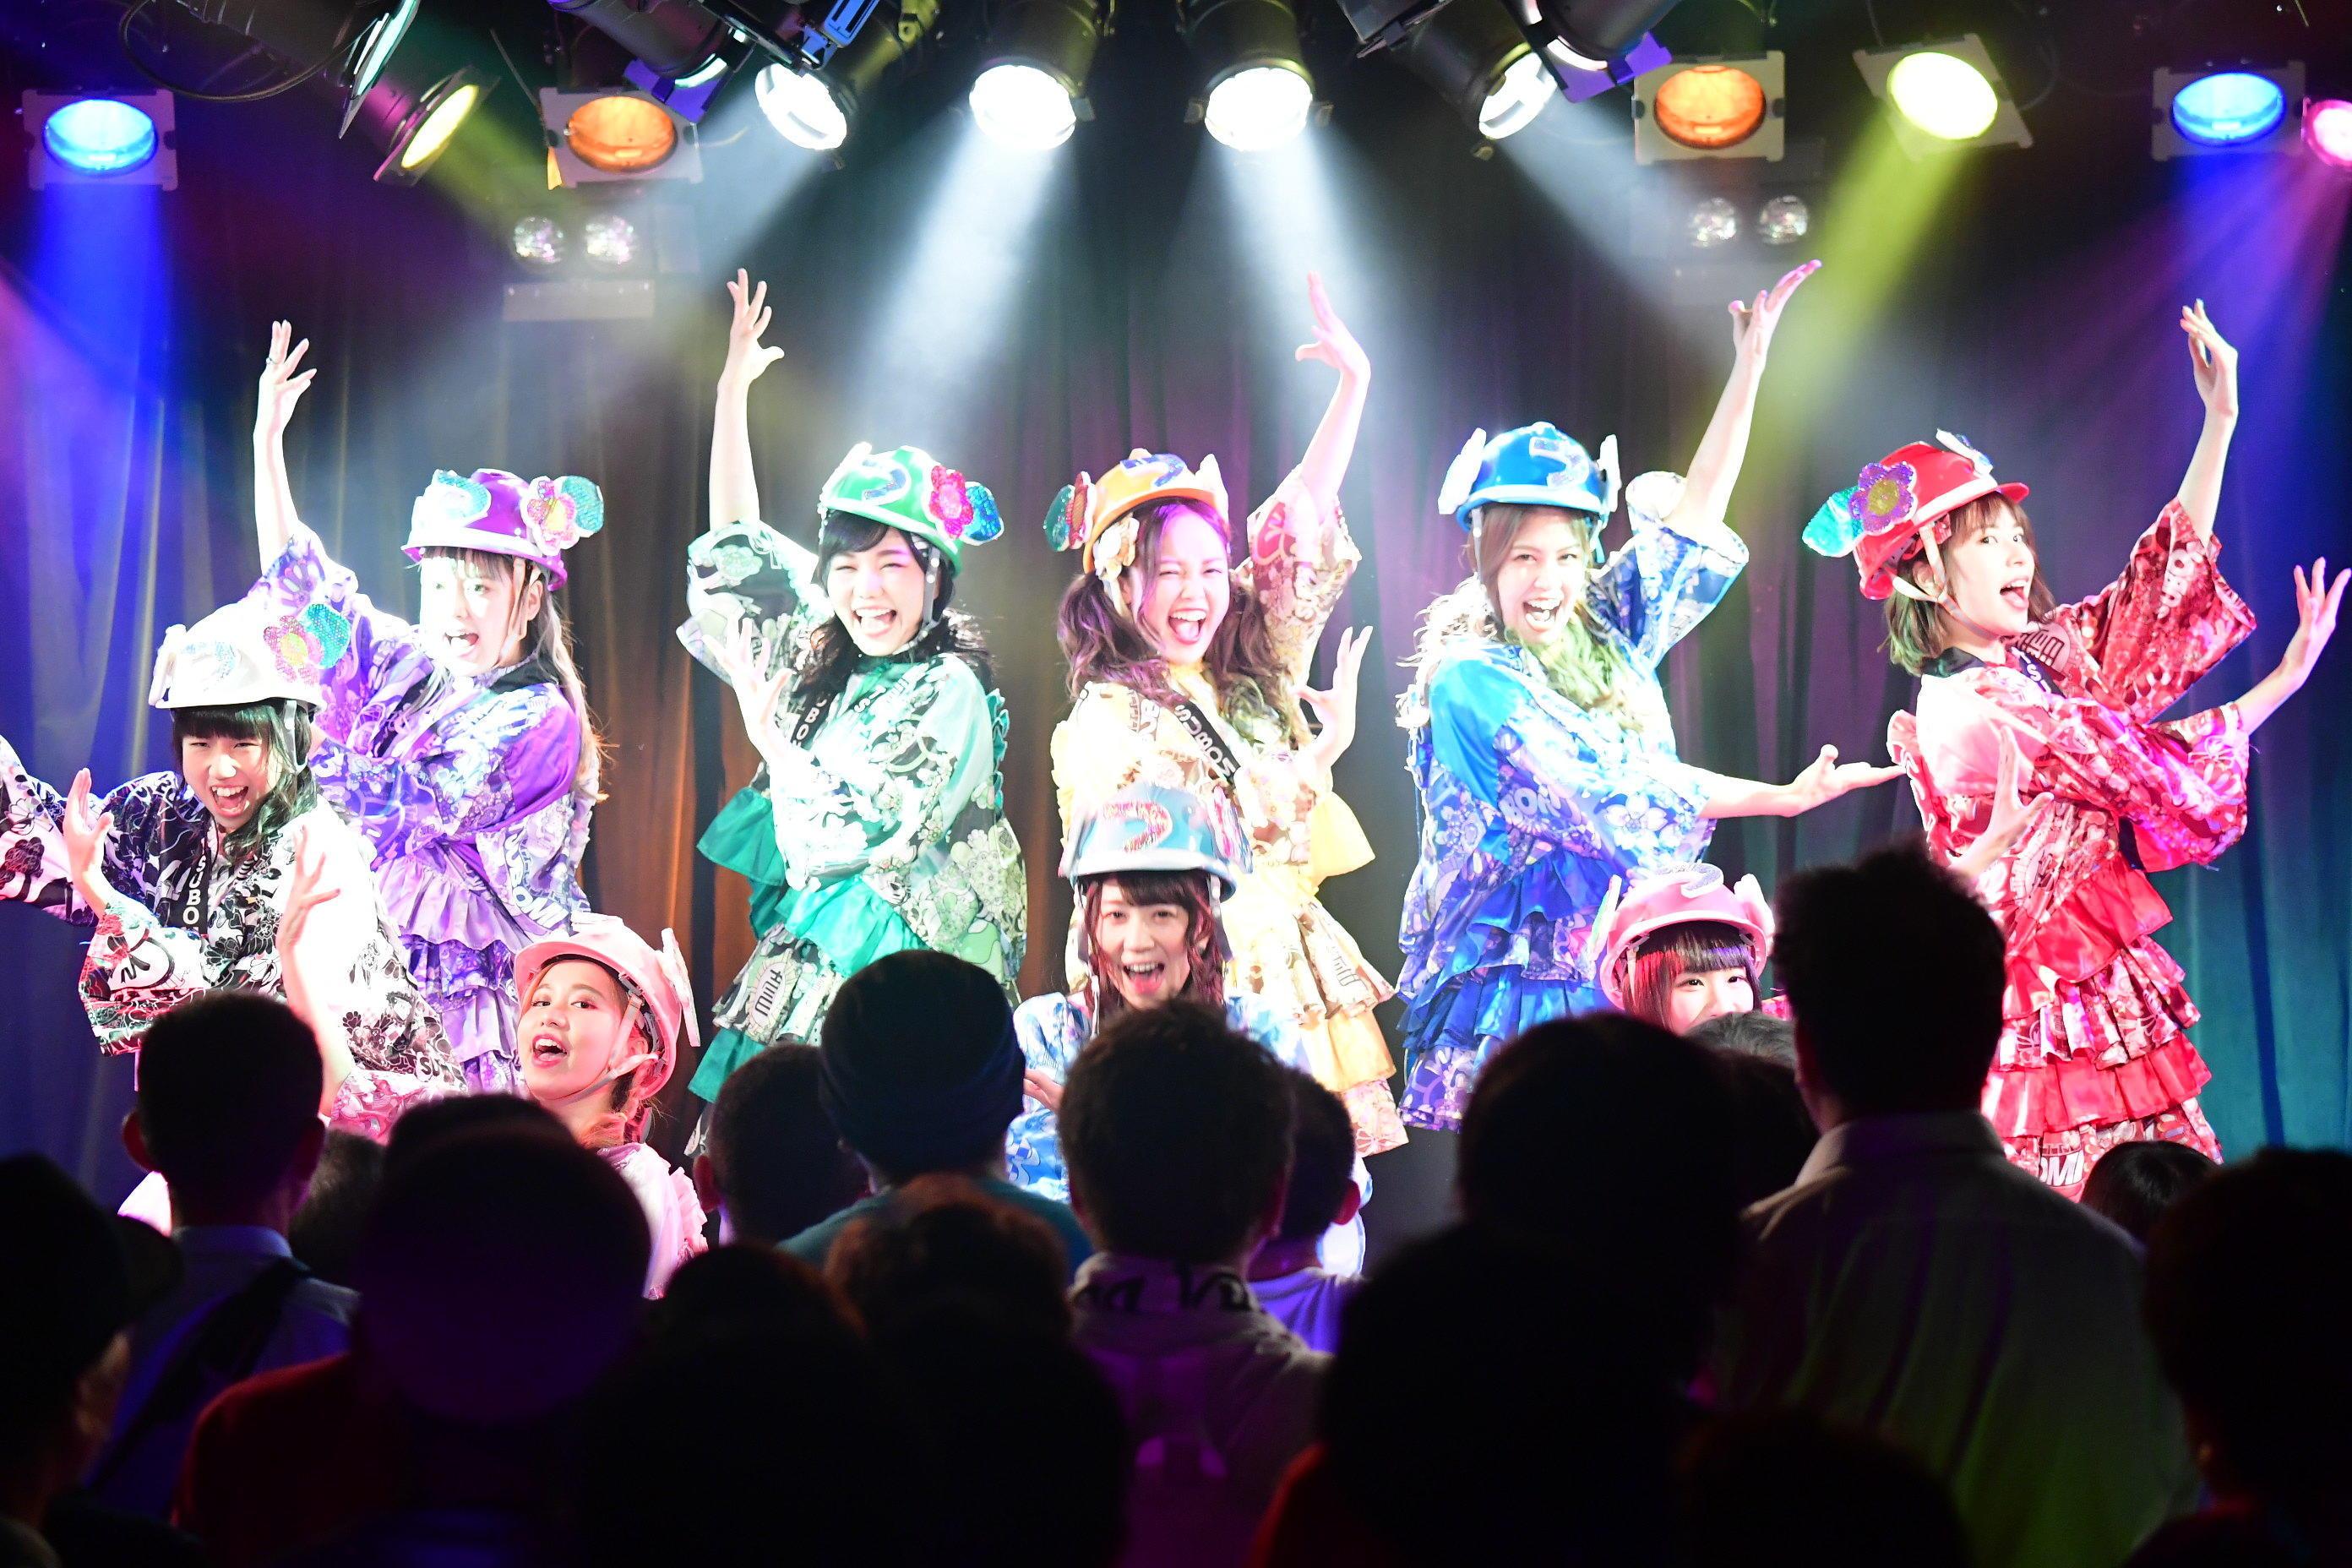 http://news.yoshimoto.co.jp/20181108182541-5ac375db54e7ff0a84c01b6ccd26562e802b4678.jpg